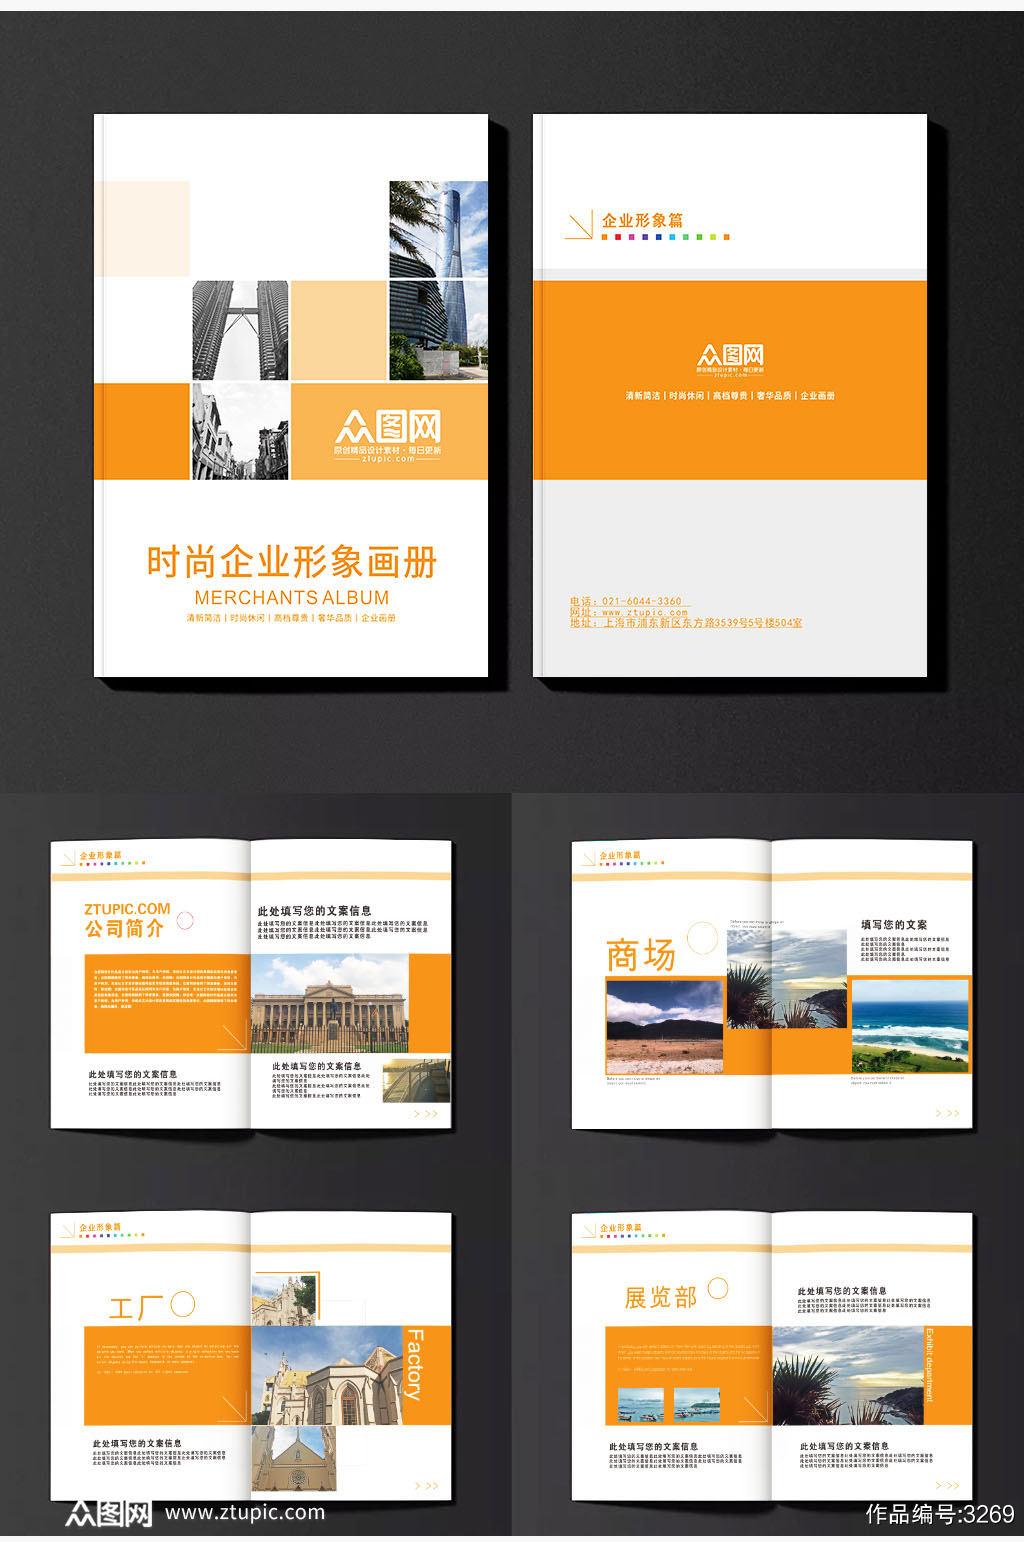 橙色大气整套广告印刷画册素材